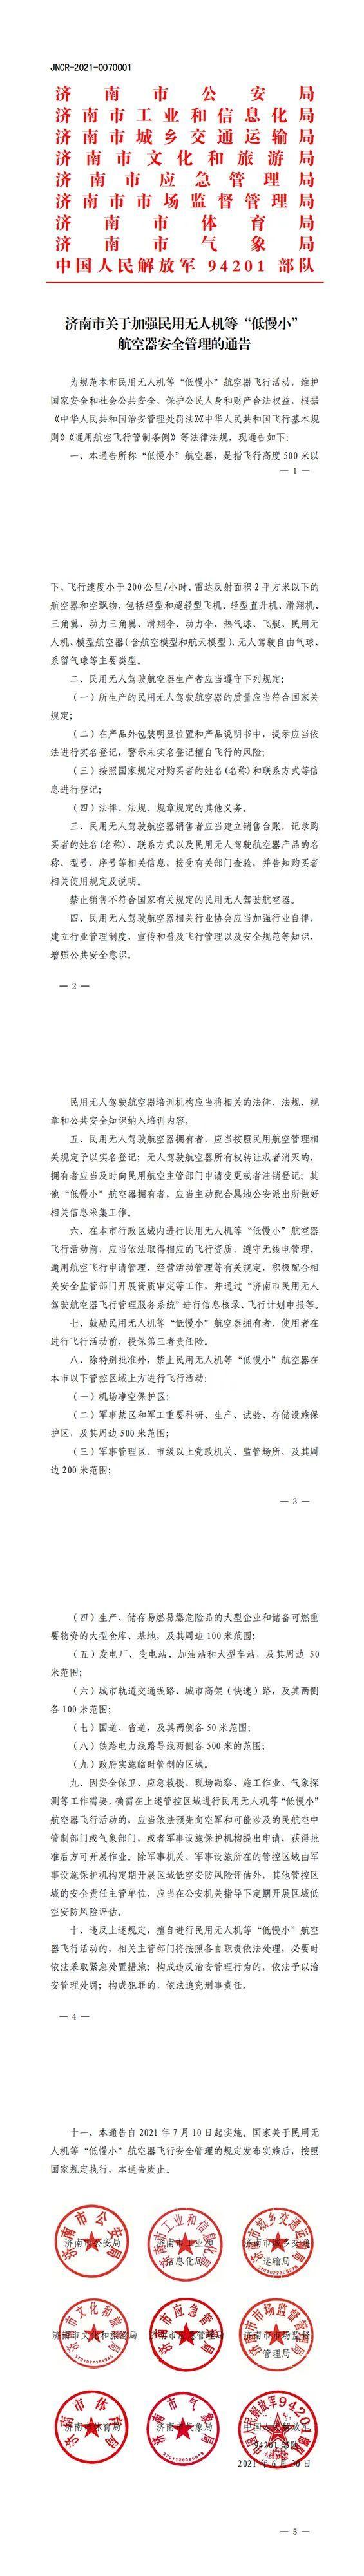 济南民用无人驾驶航空器飞行管理服务系统将正式发布